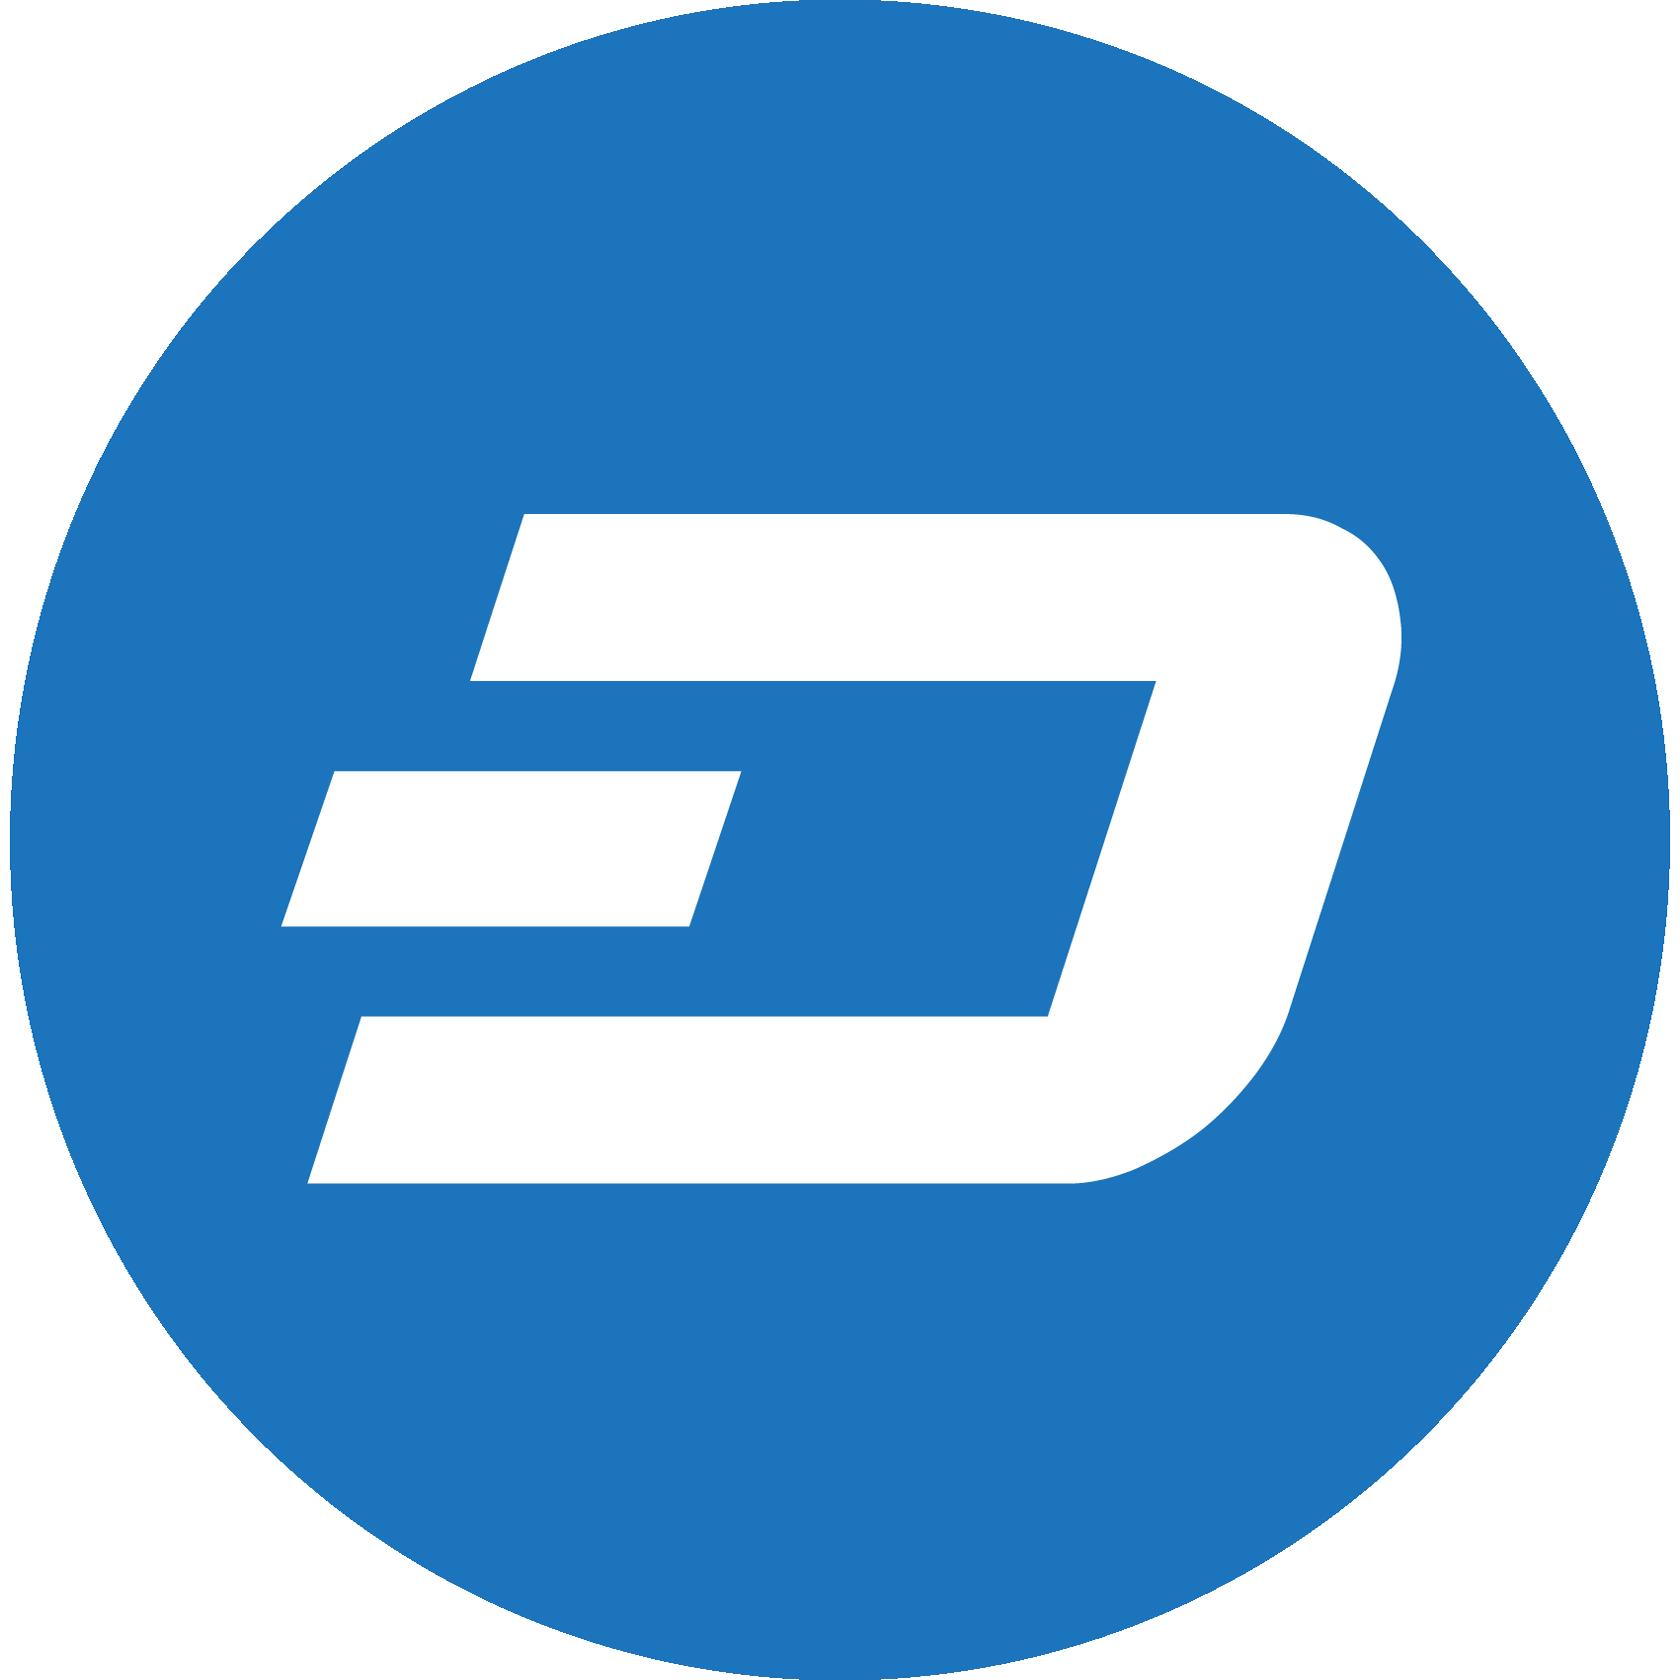 ダッシュ(dash)ロゴ